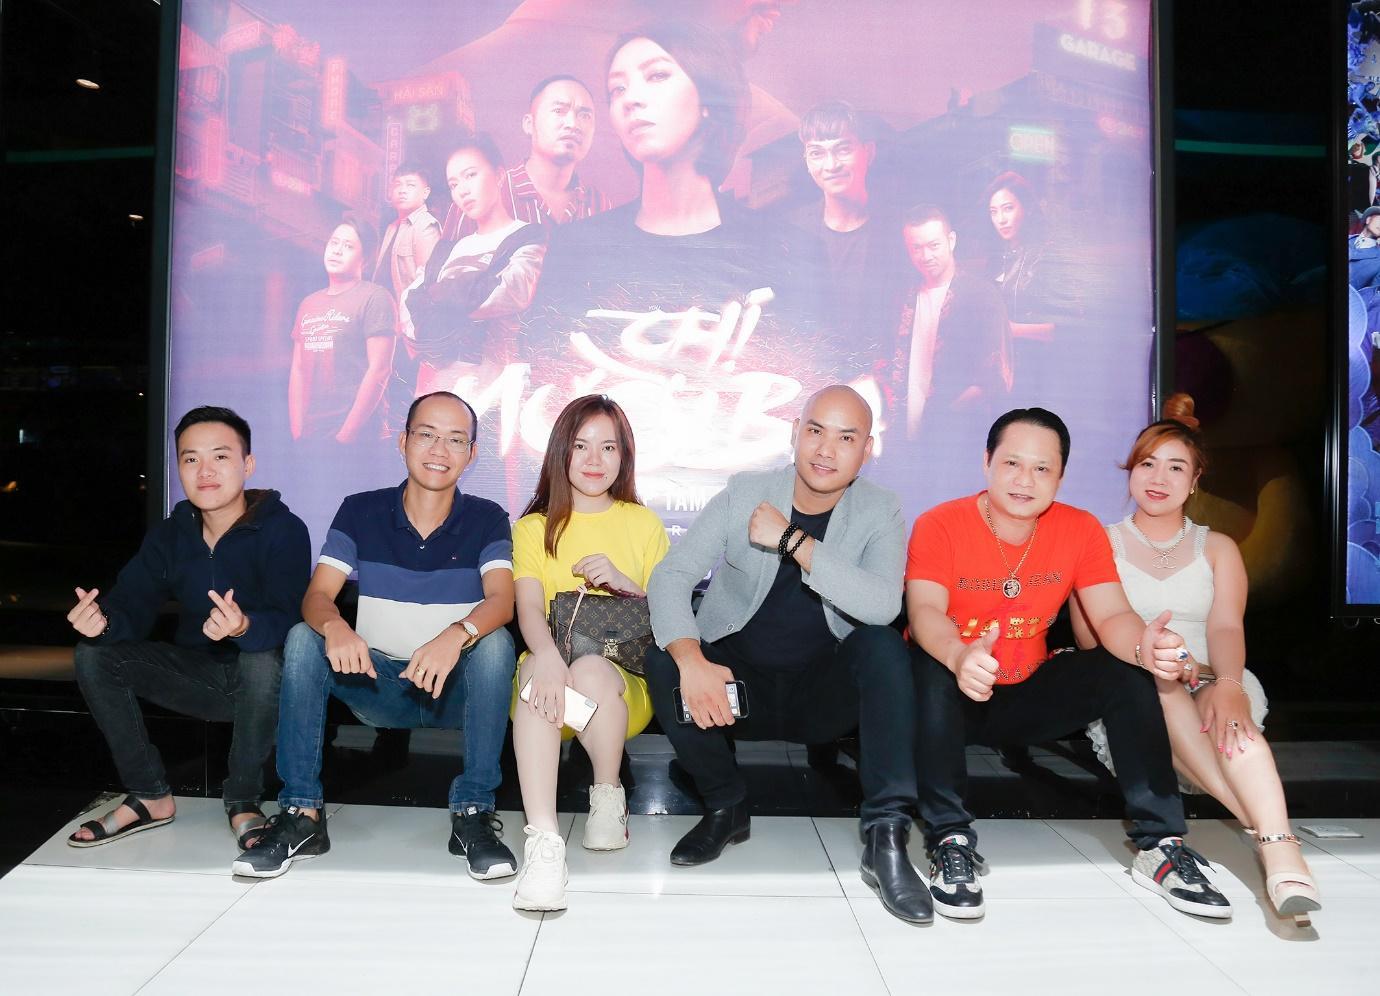 """Chu Bin & A Tuân hào hứng ủng hộ phim """"Chị 13"""" của vợ chồng Thu Trang - Tiến Luật - Ảnh 5"""